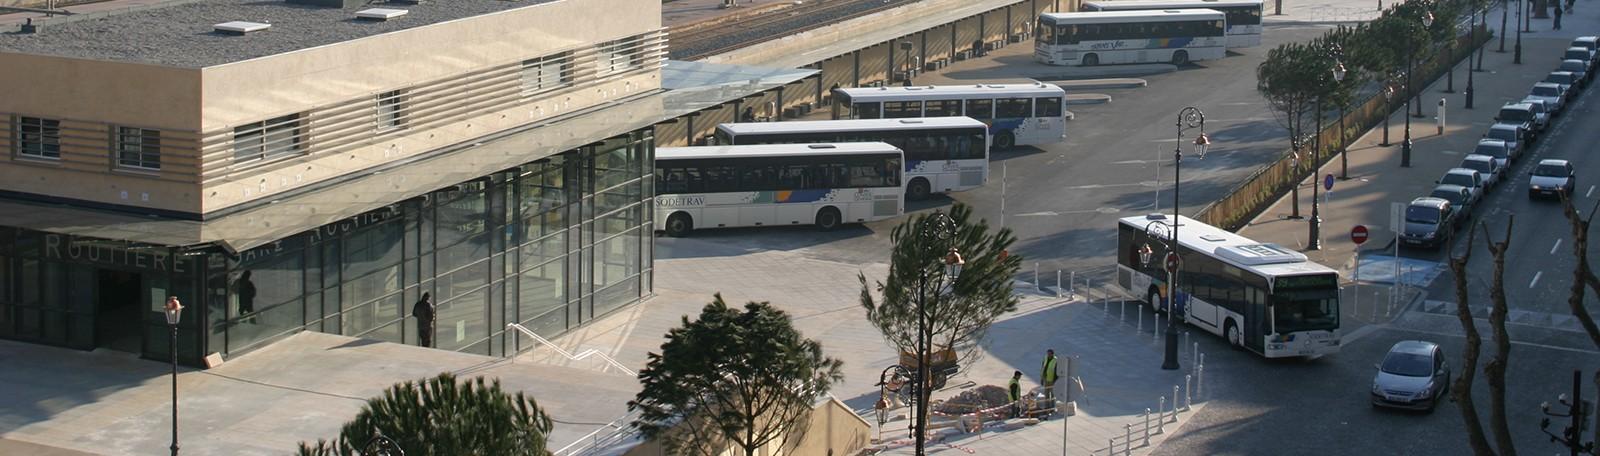 Parkeren Toulon busstation